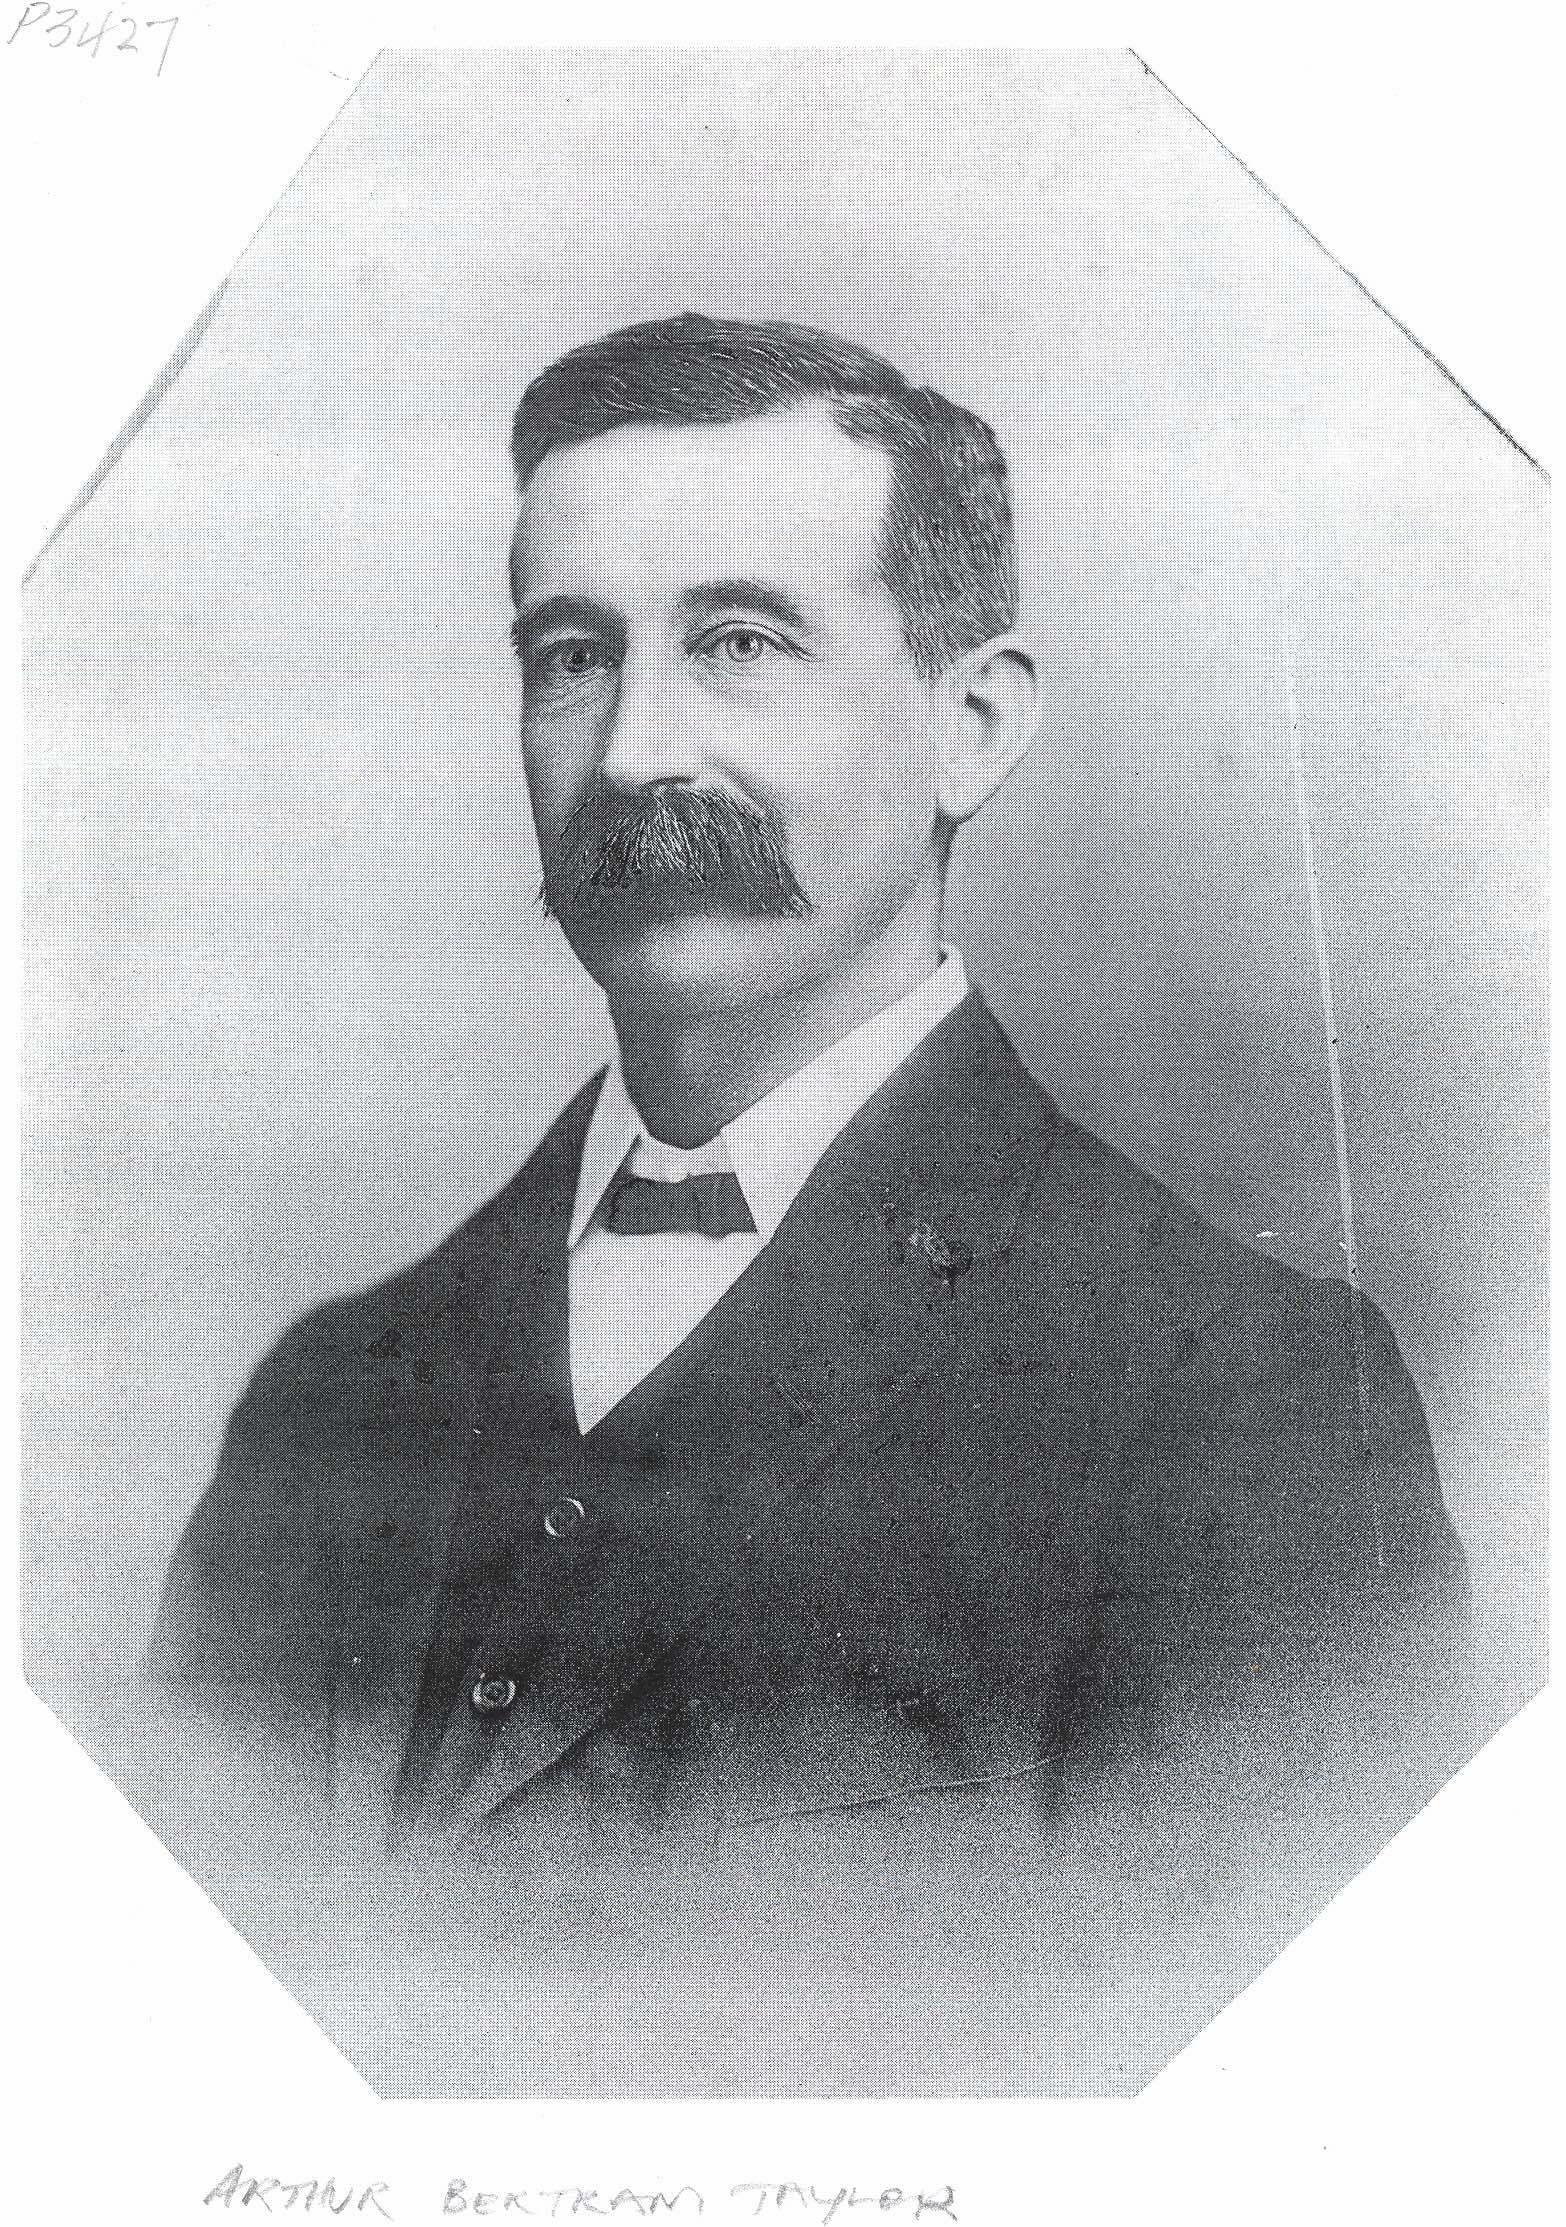 A.B. Taylor